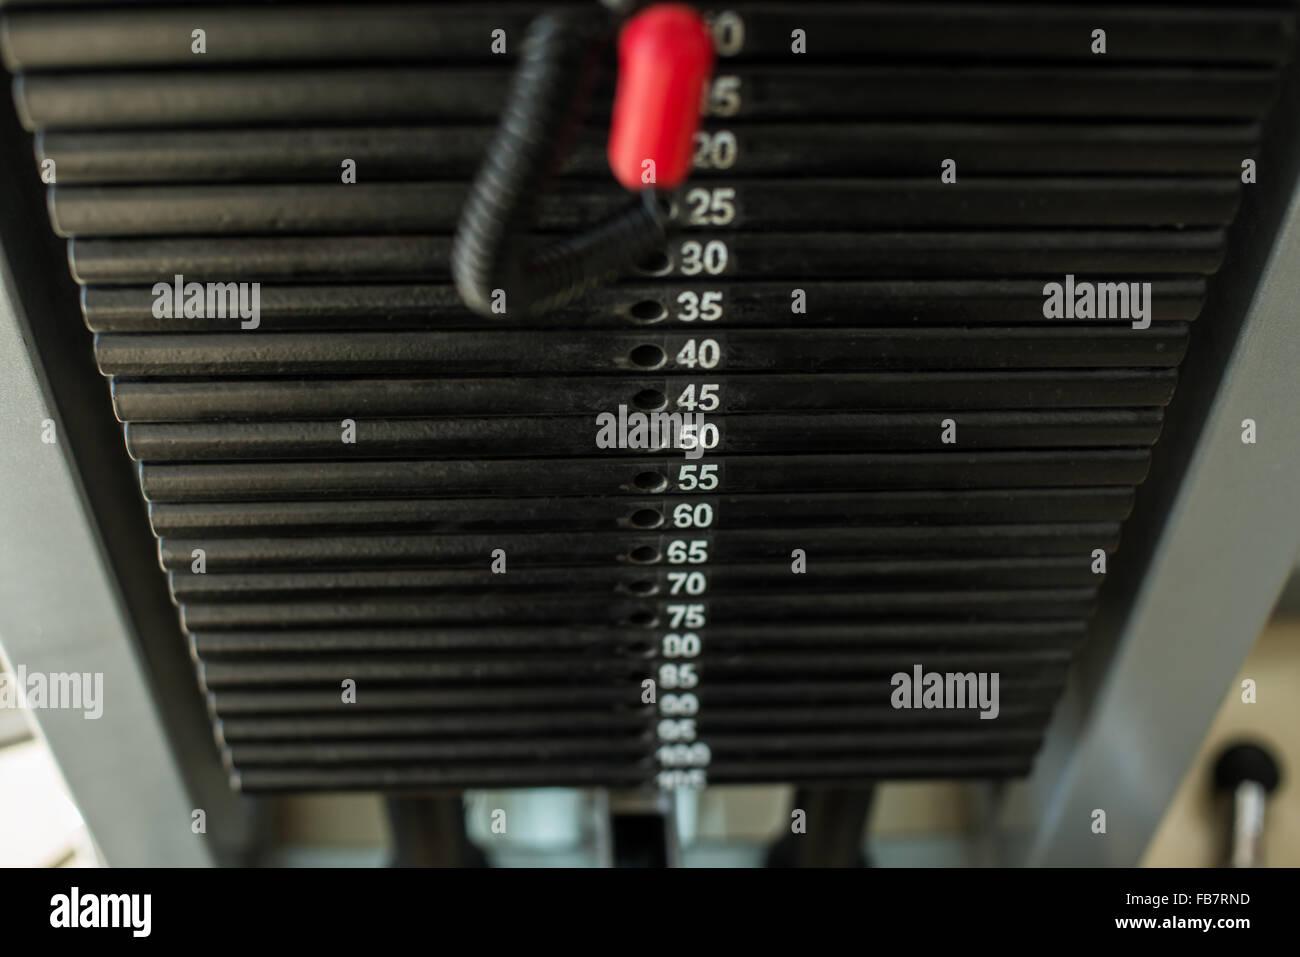 L'appareil de formation en salle de sport. Photo Stock